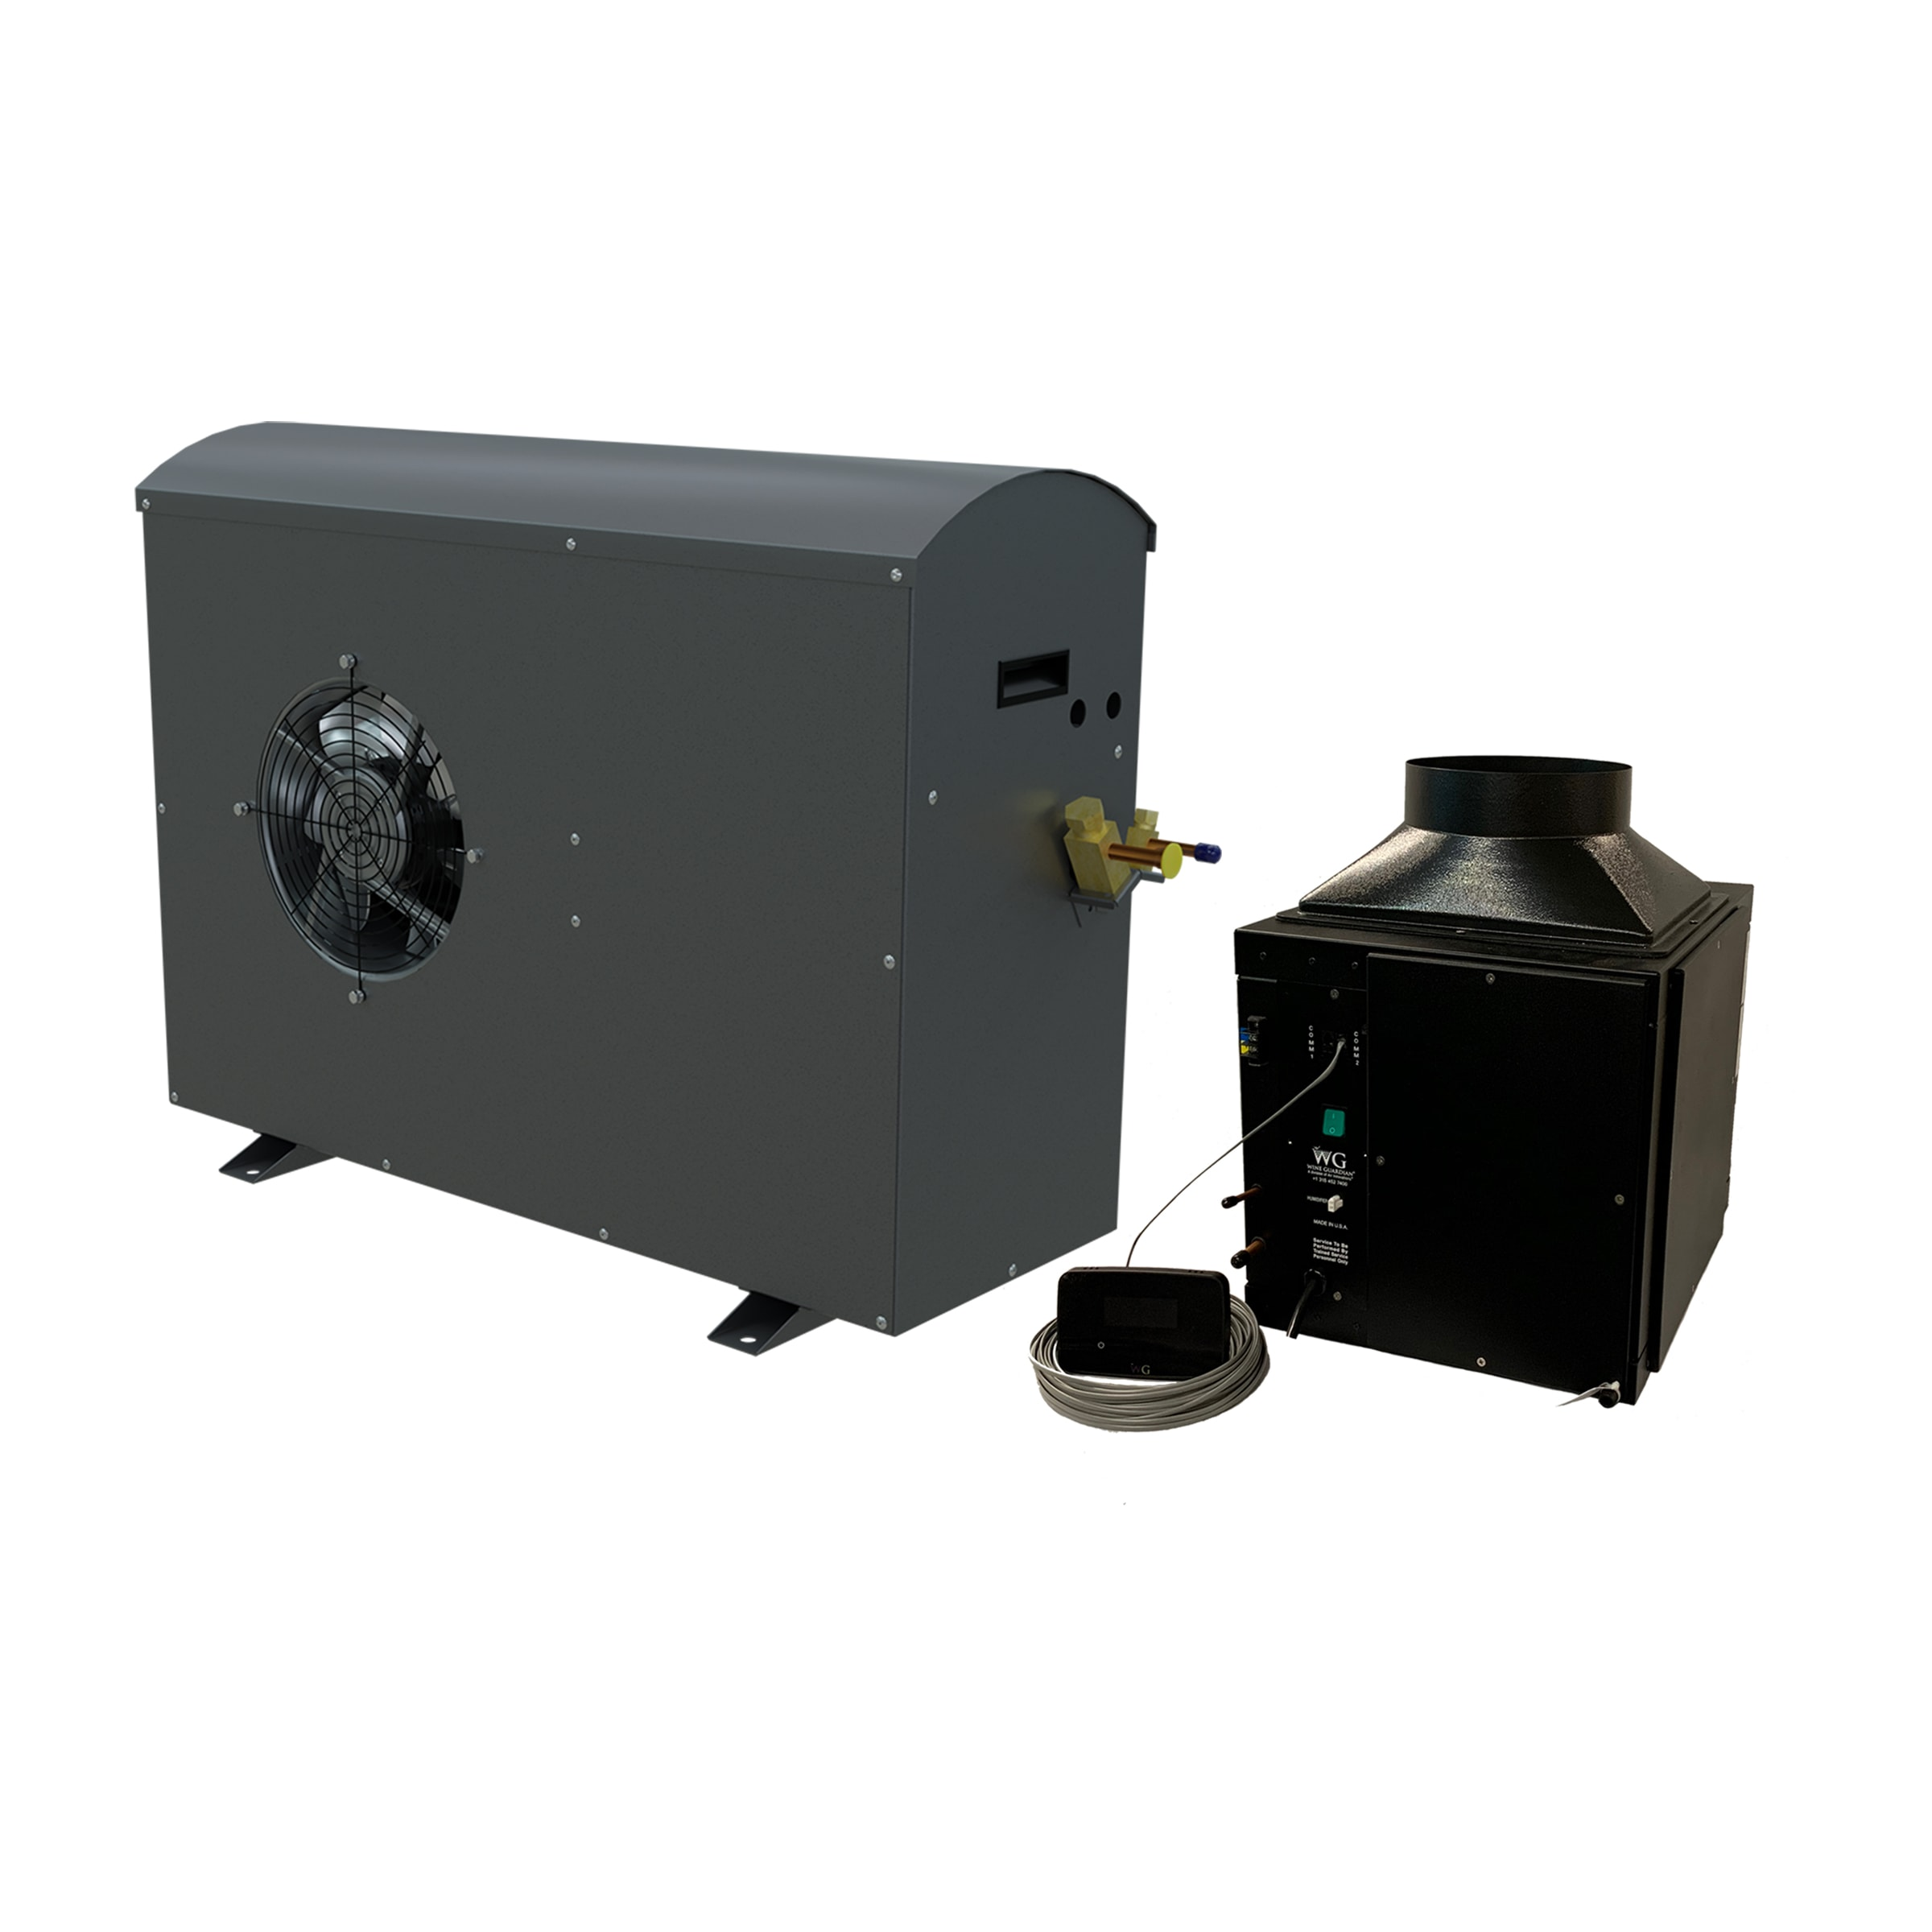 DS025 Ducted Split Wine Cellar Cooling Unit 60Hz